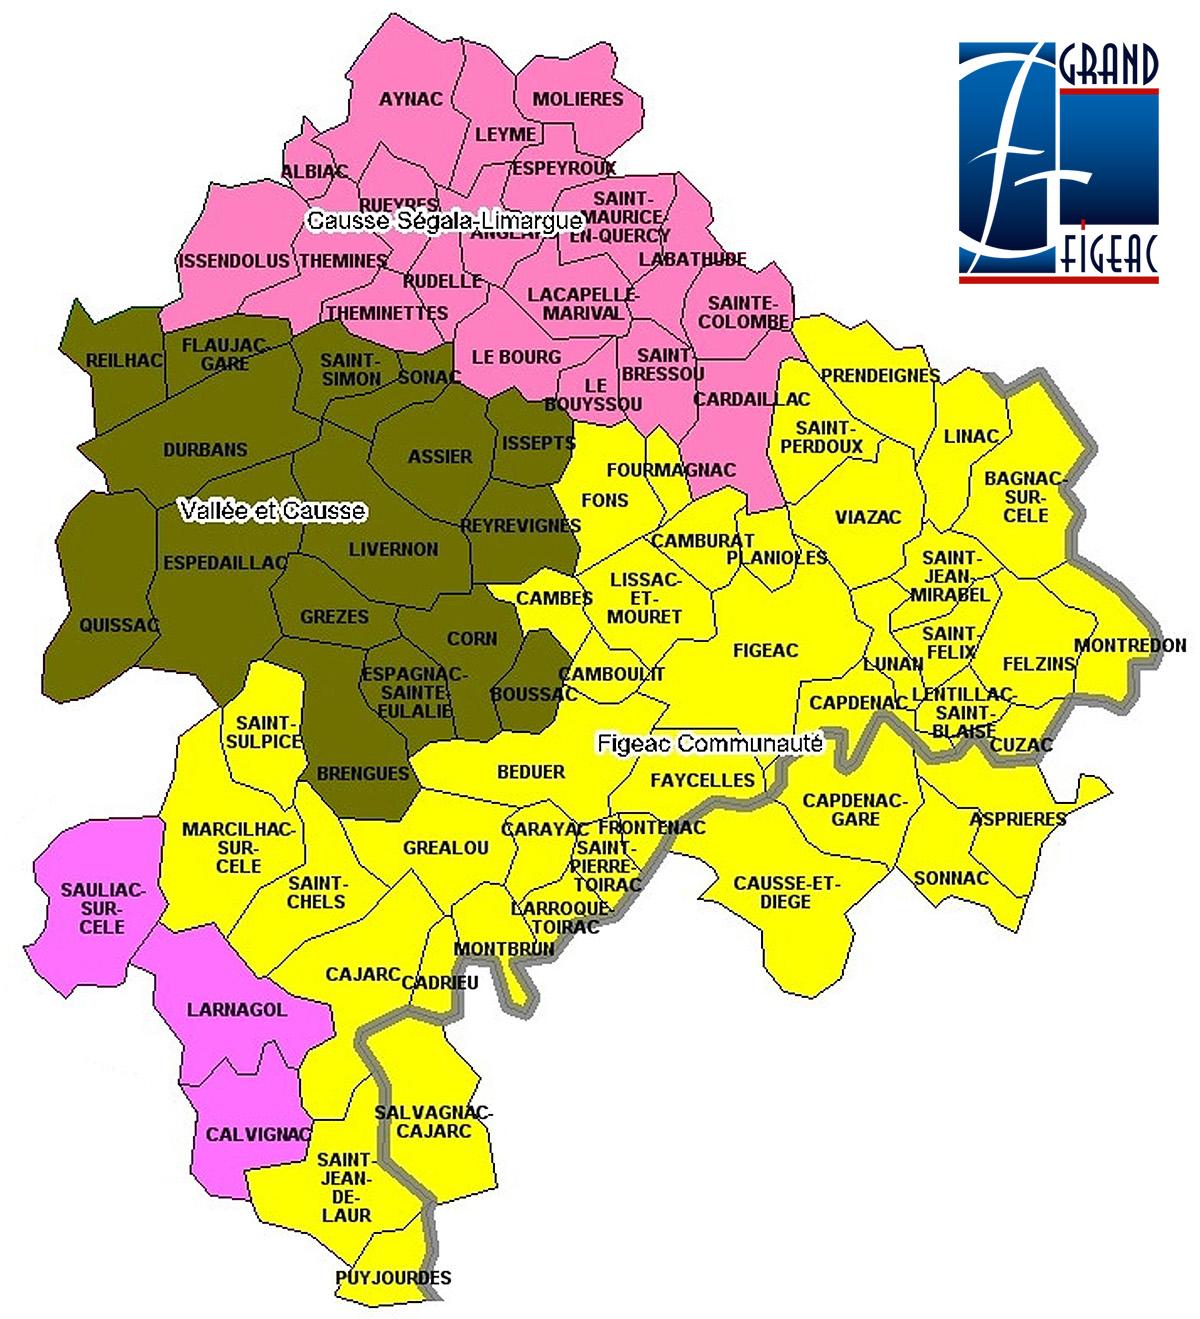 Carte du Grand-Figeac